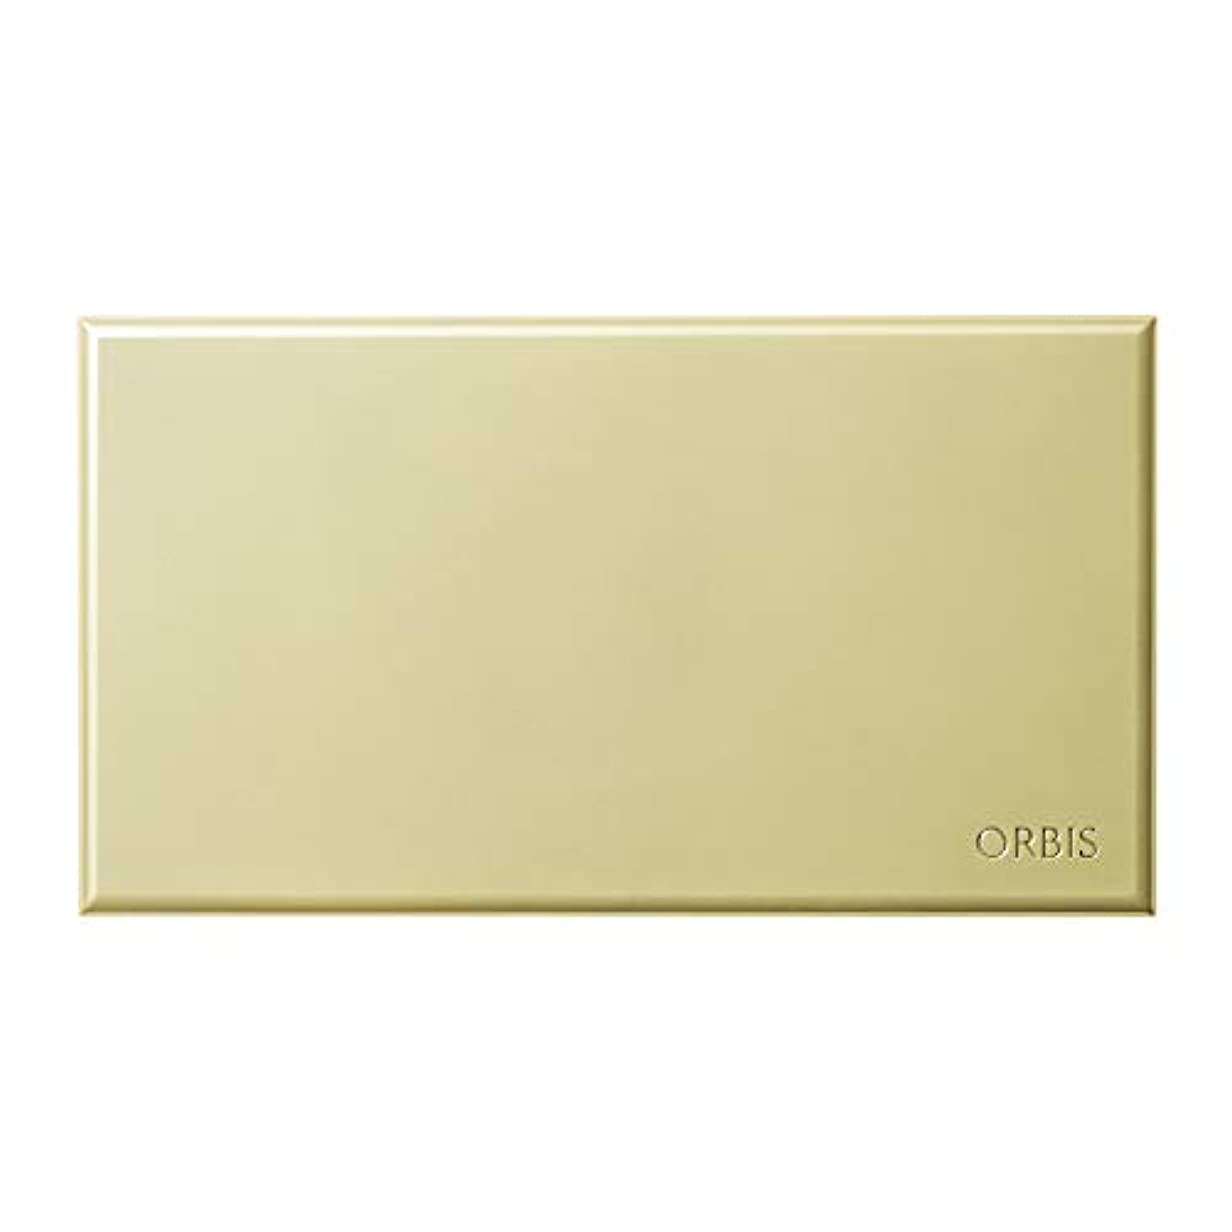 層実行するいらいらさせるオルビス(ORBIS) カシミアフィットファンデーション 別売りケース